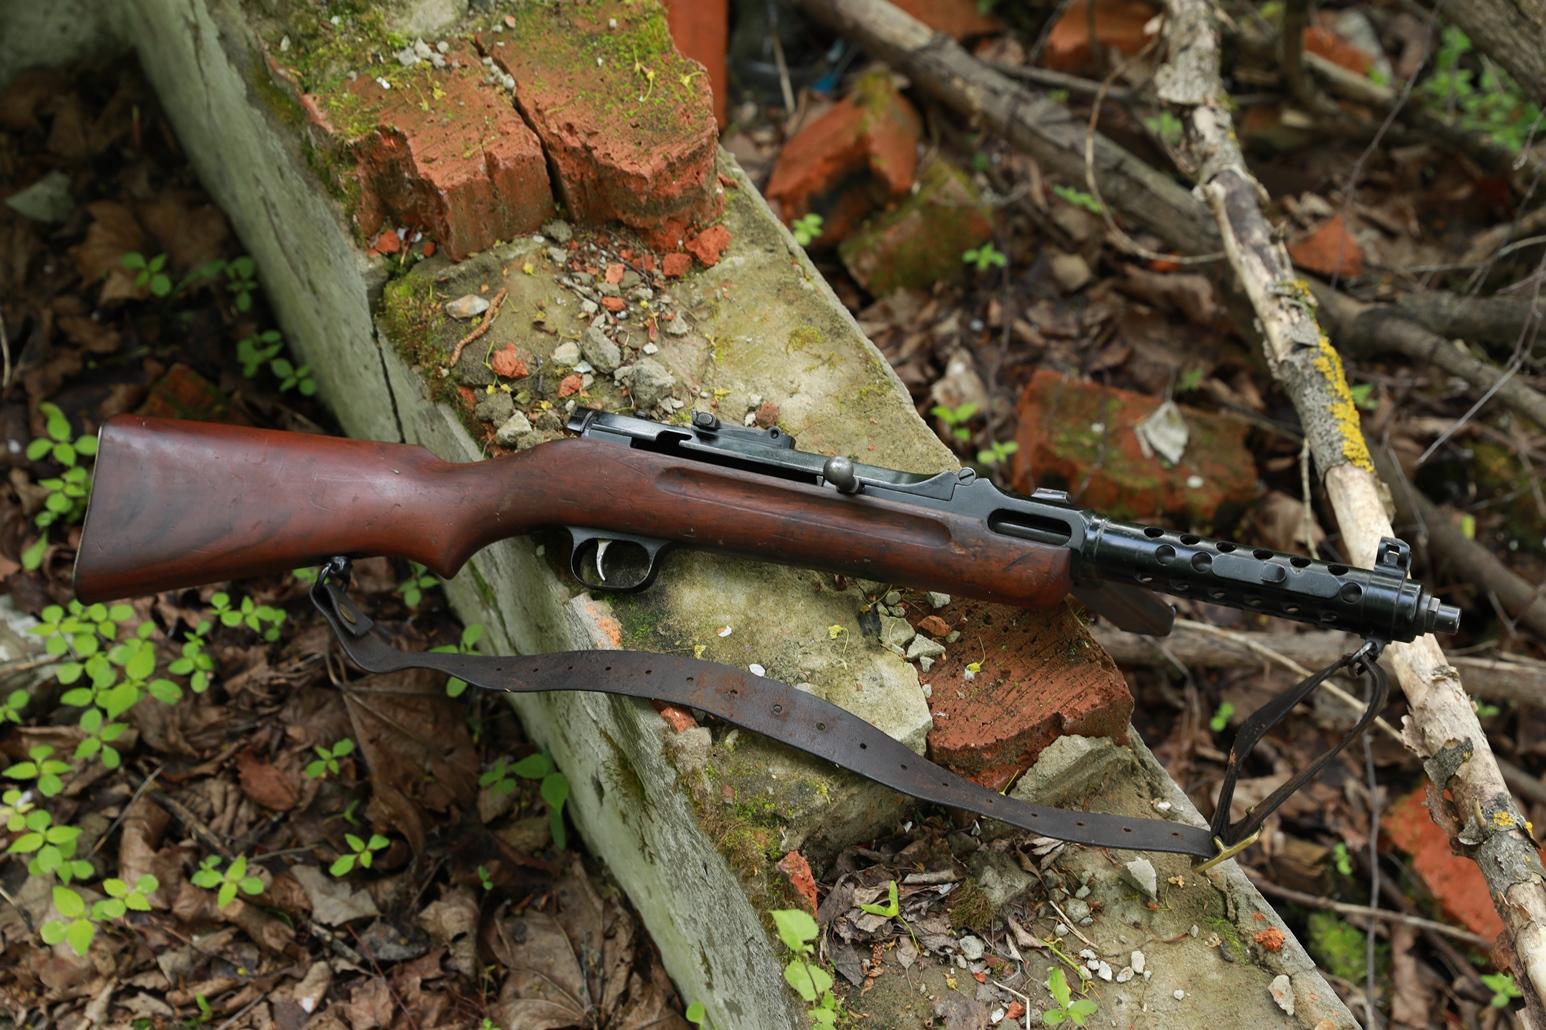 Пистолет-пулемет Steyr-Solothurn S1-100 / MP34 #2278